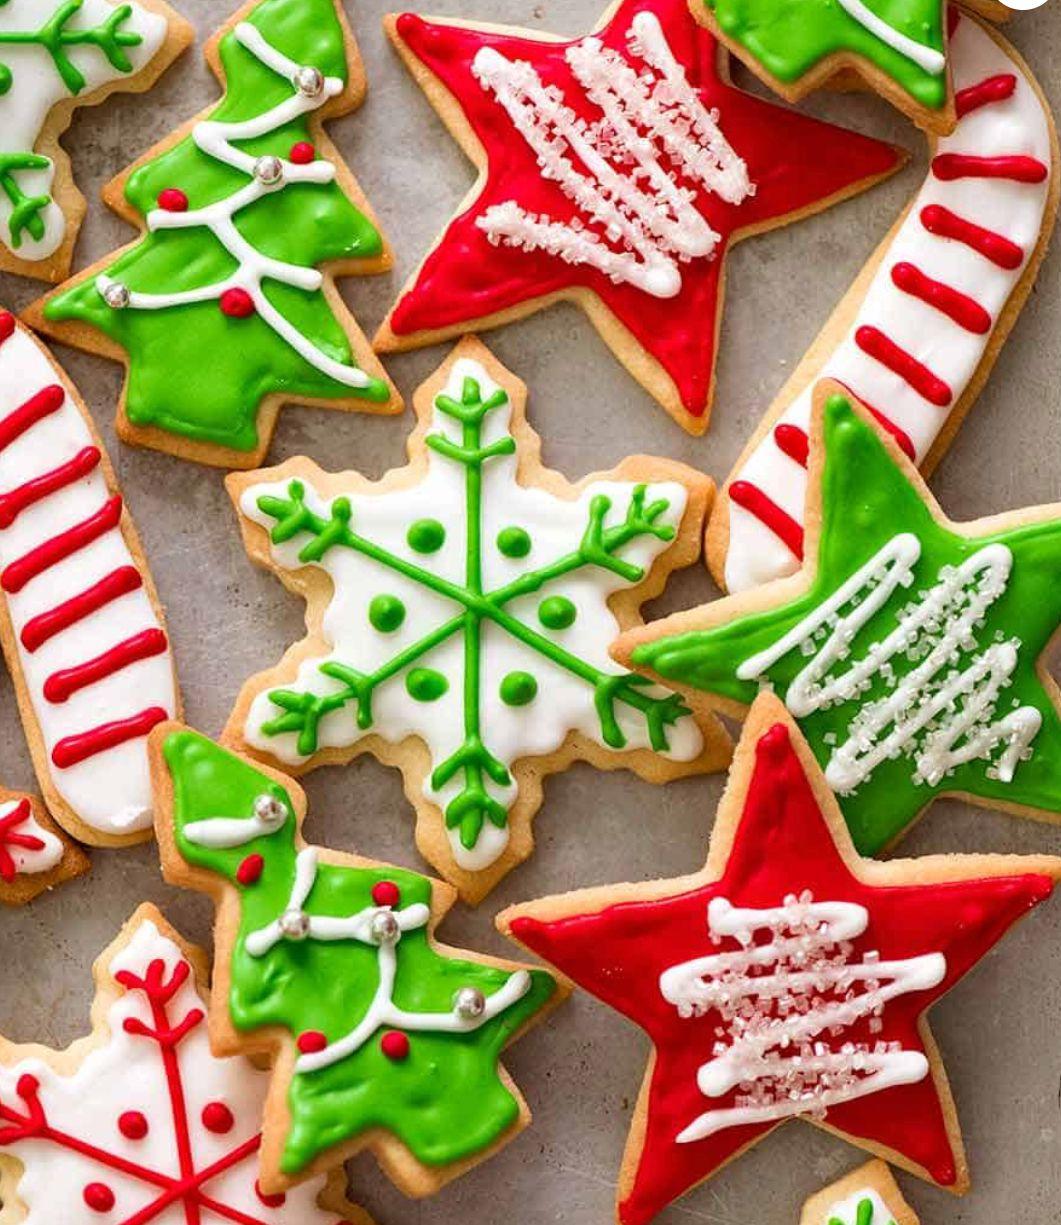 El curso demás de enseñar a preparar la masa de las galletas, también enseñará a decorarlas con glaceado. (Foto: laalacenadelchef.co )